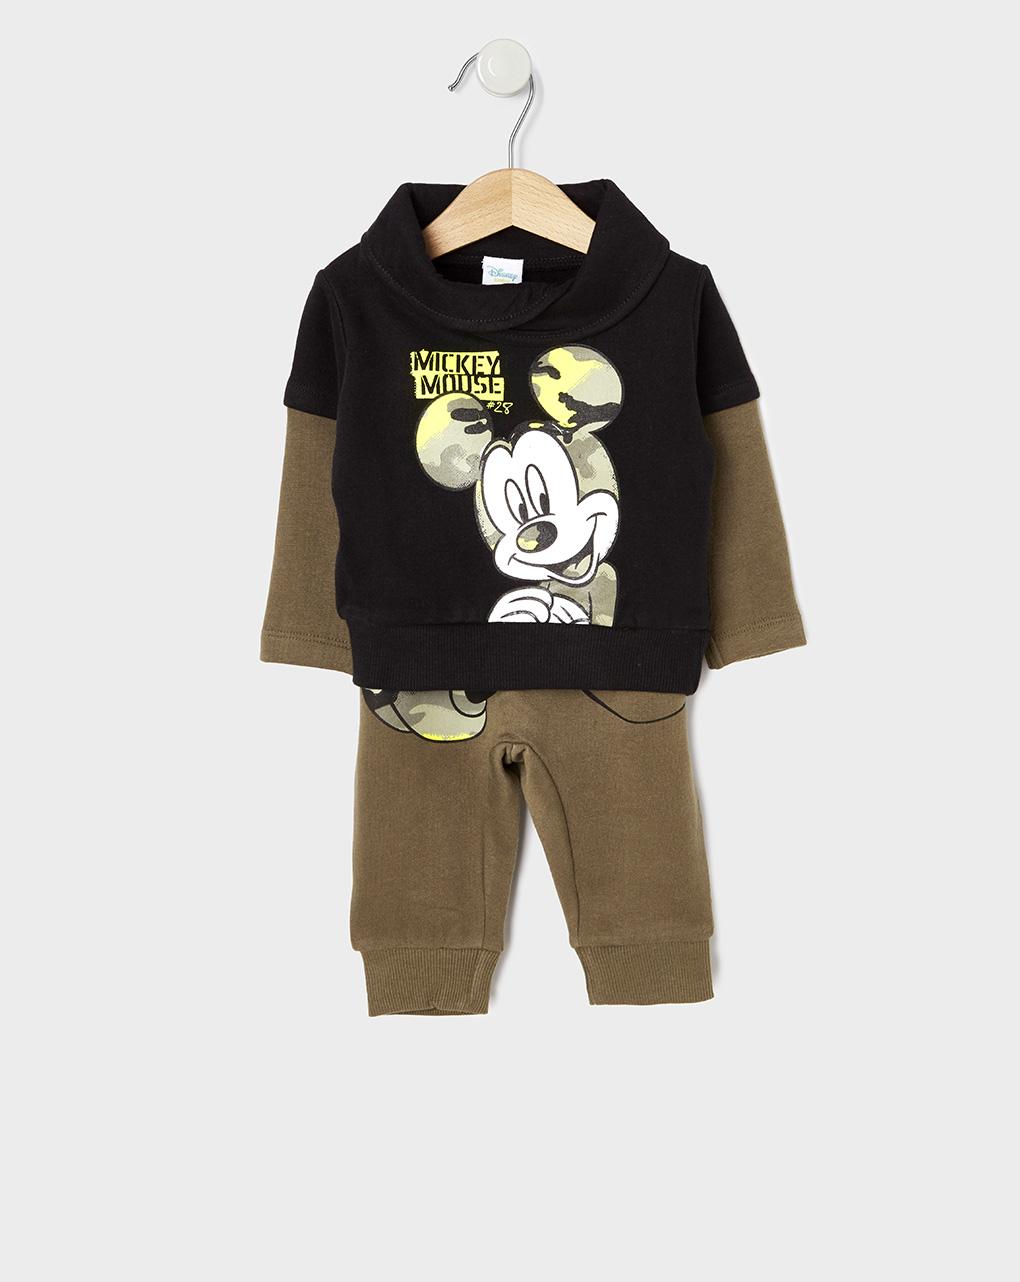 Σετ Φόρμας με Mickey Mouse για Αγόρι